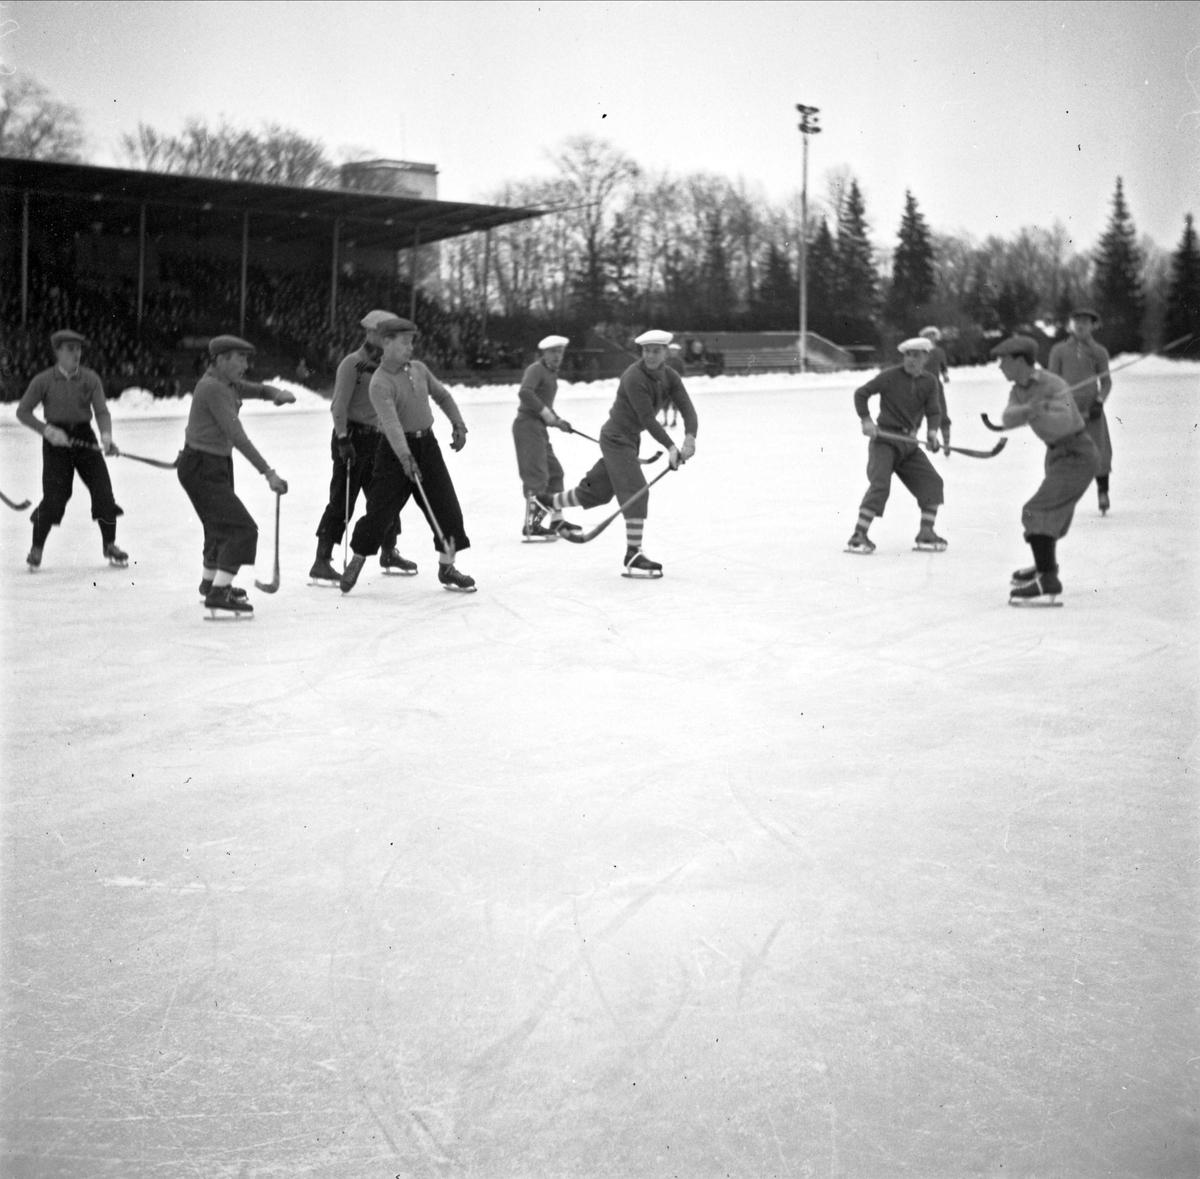 Bandy - IFK Uppsala mot Nässjö IF på Studenternas Idrottsplats, Uppsala januari 1946